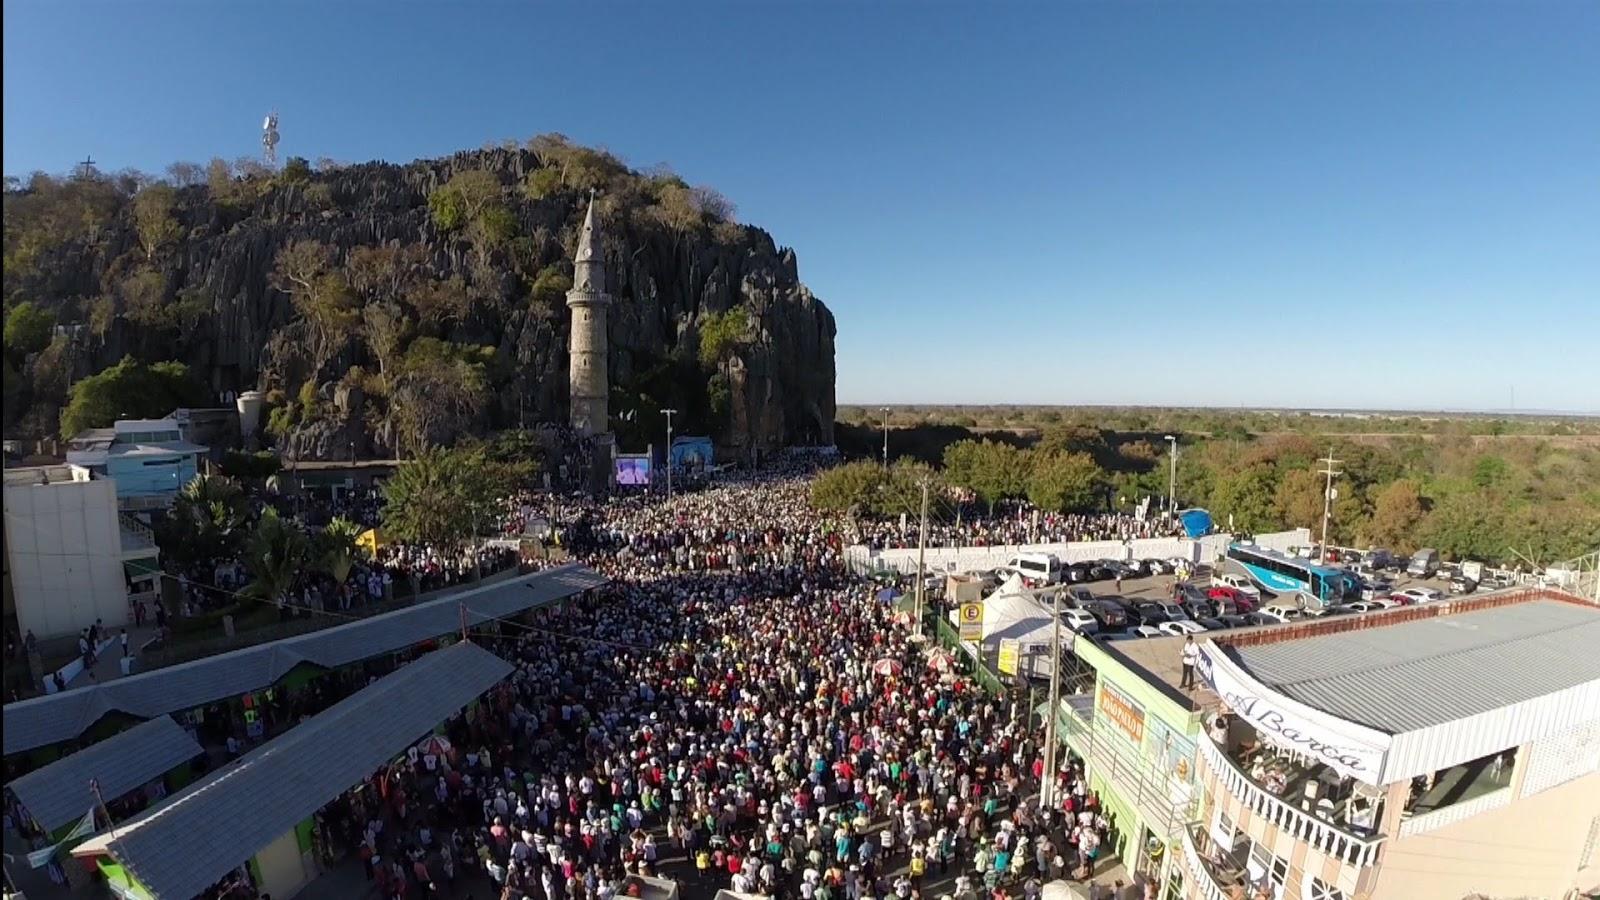 Esquema de segurança para romaria de Bom Jesus da Lapa vai contar com mais de 290 policiais